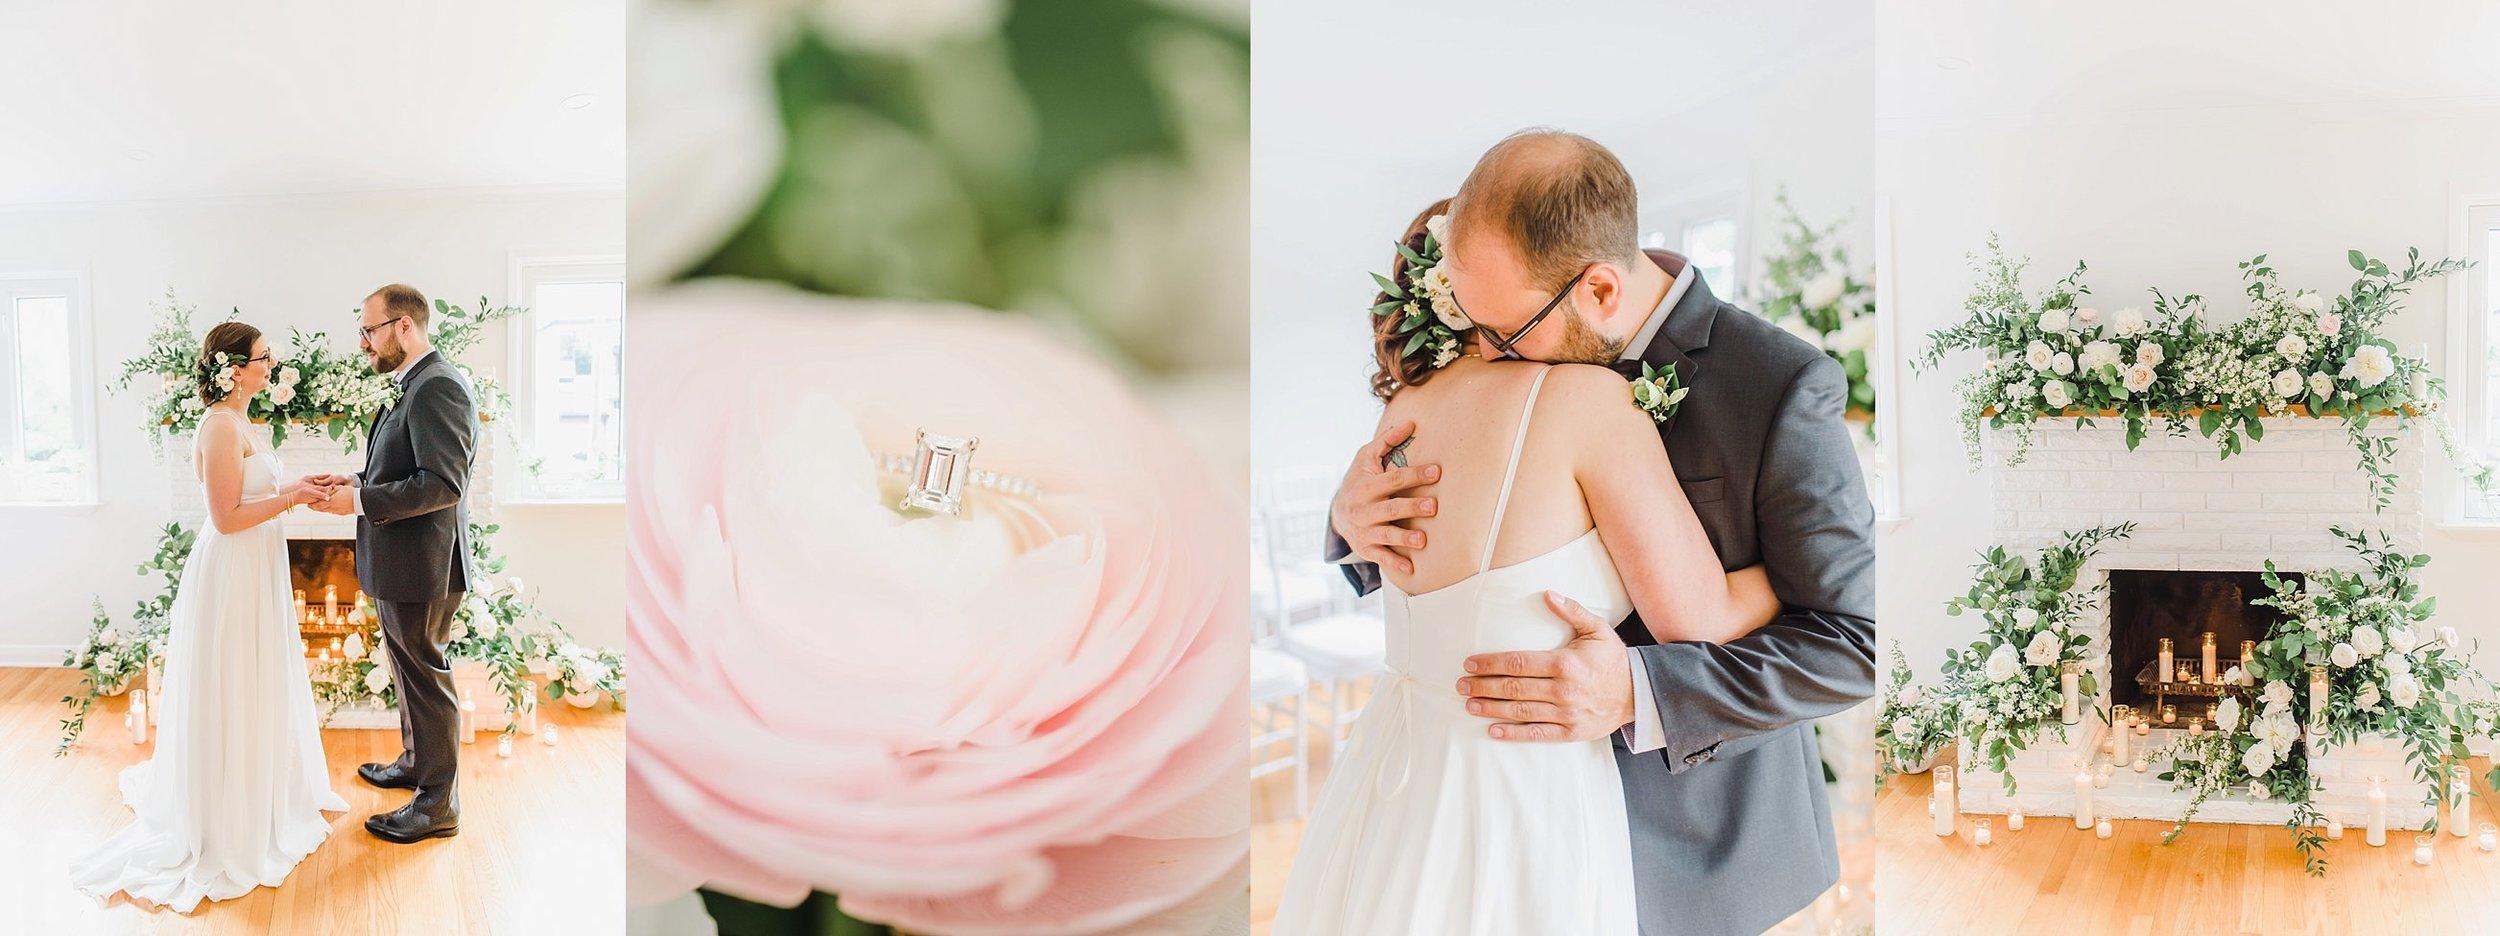 Wedding Summary3 - Christine + Liam.jpg.jpg